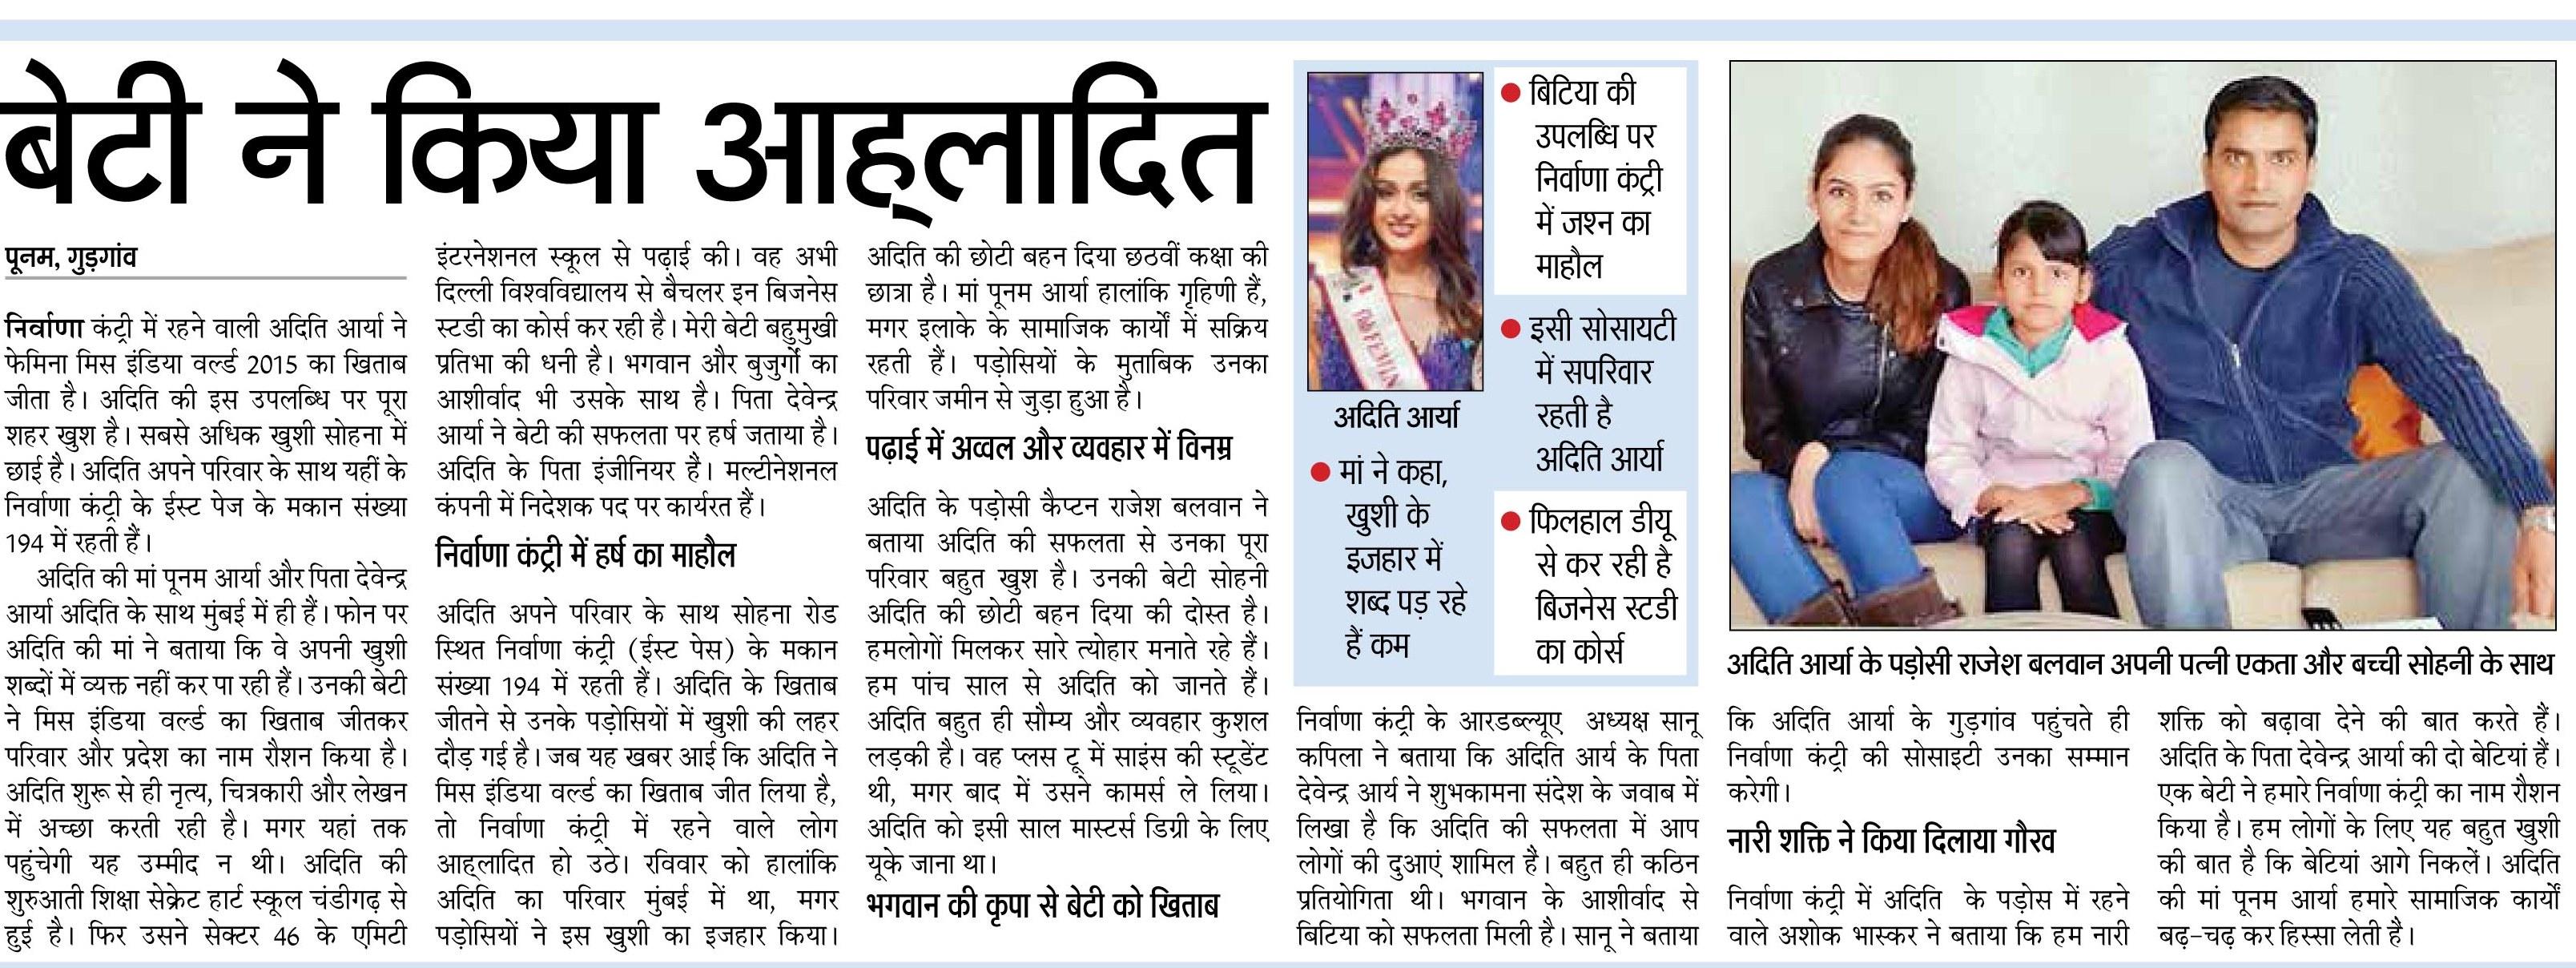 ... School, Sec-46, Gurgaon-Aditi Arya wins Femina Miss India 2015 Title